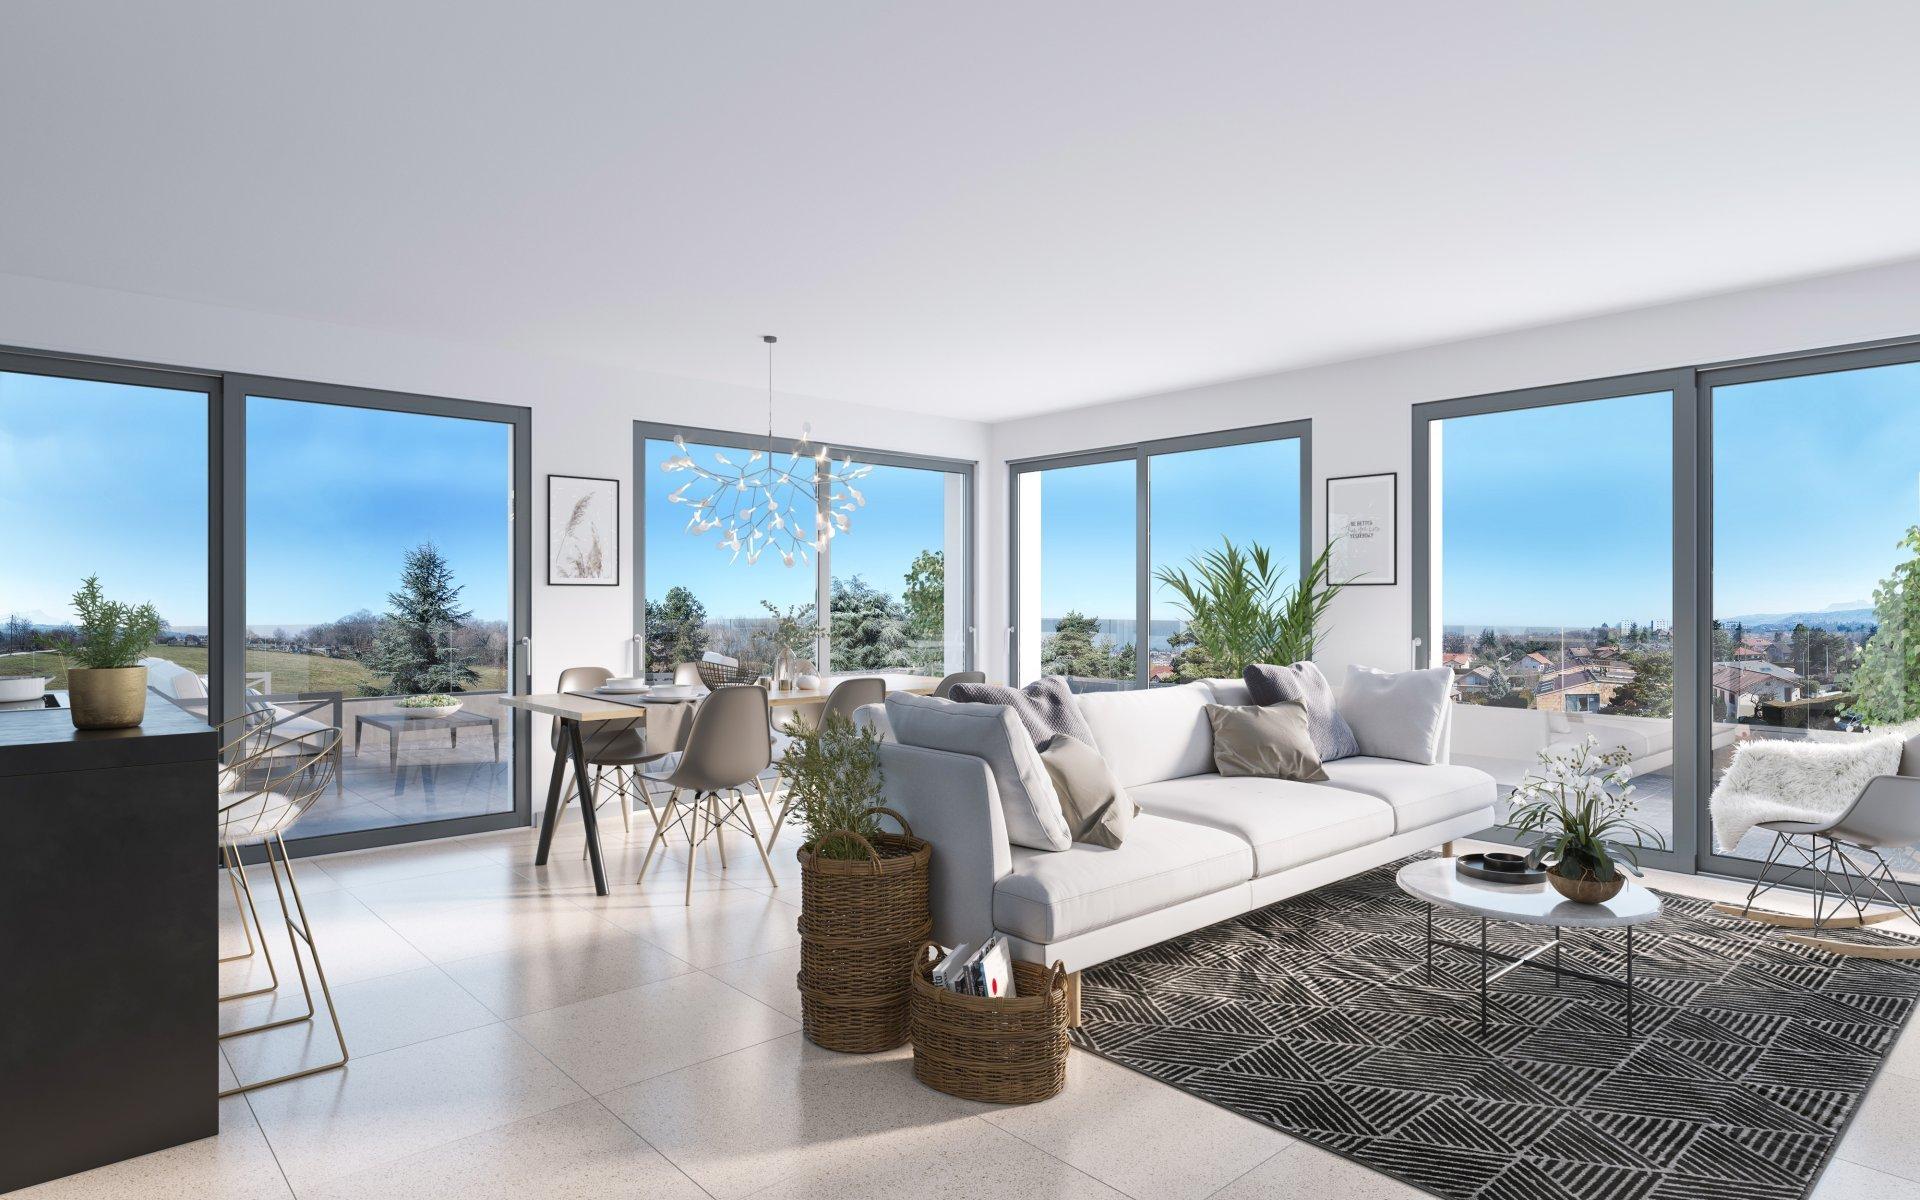 Vente de appartement à Thonon-les-Bains au prix de 566000€